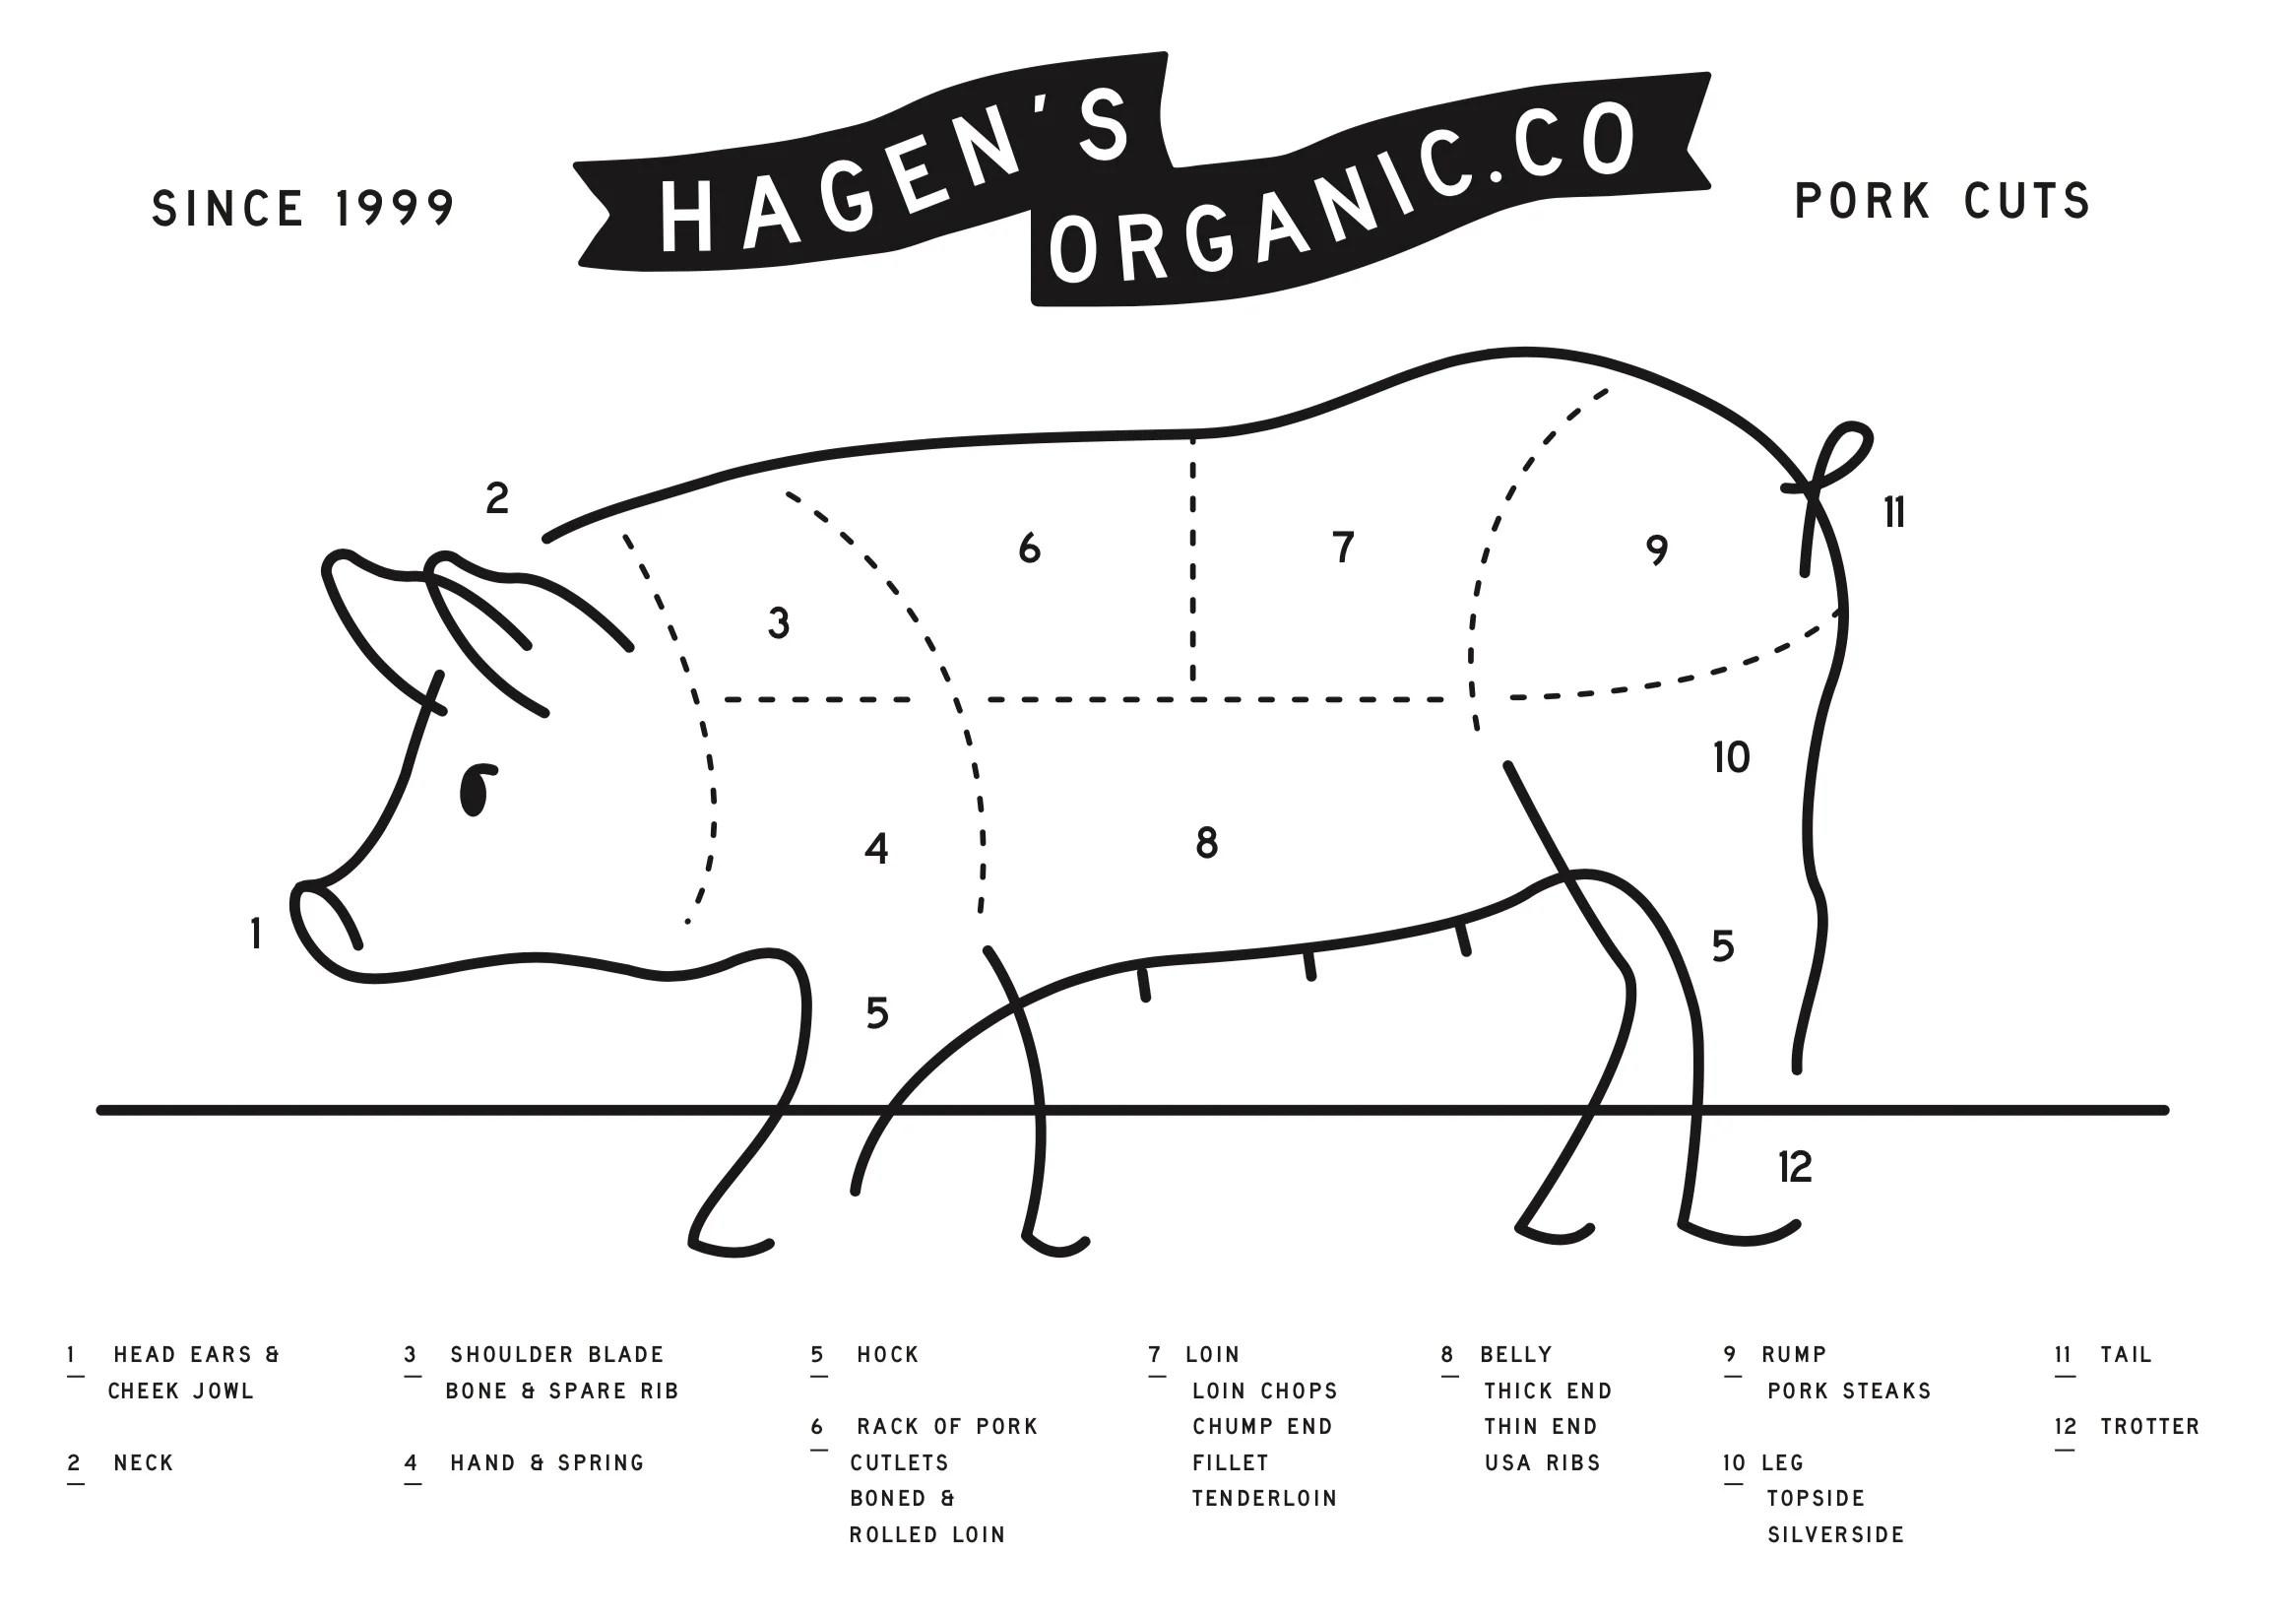 hagens organics pork cuts diagram jpg v 1552540843 [ 2332 x 1642 Pixel ]